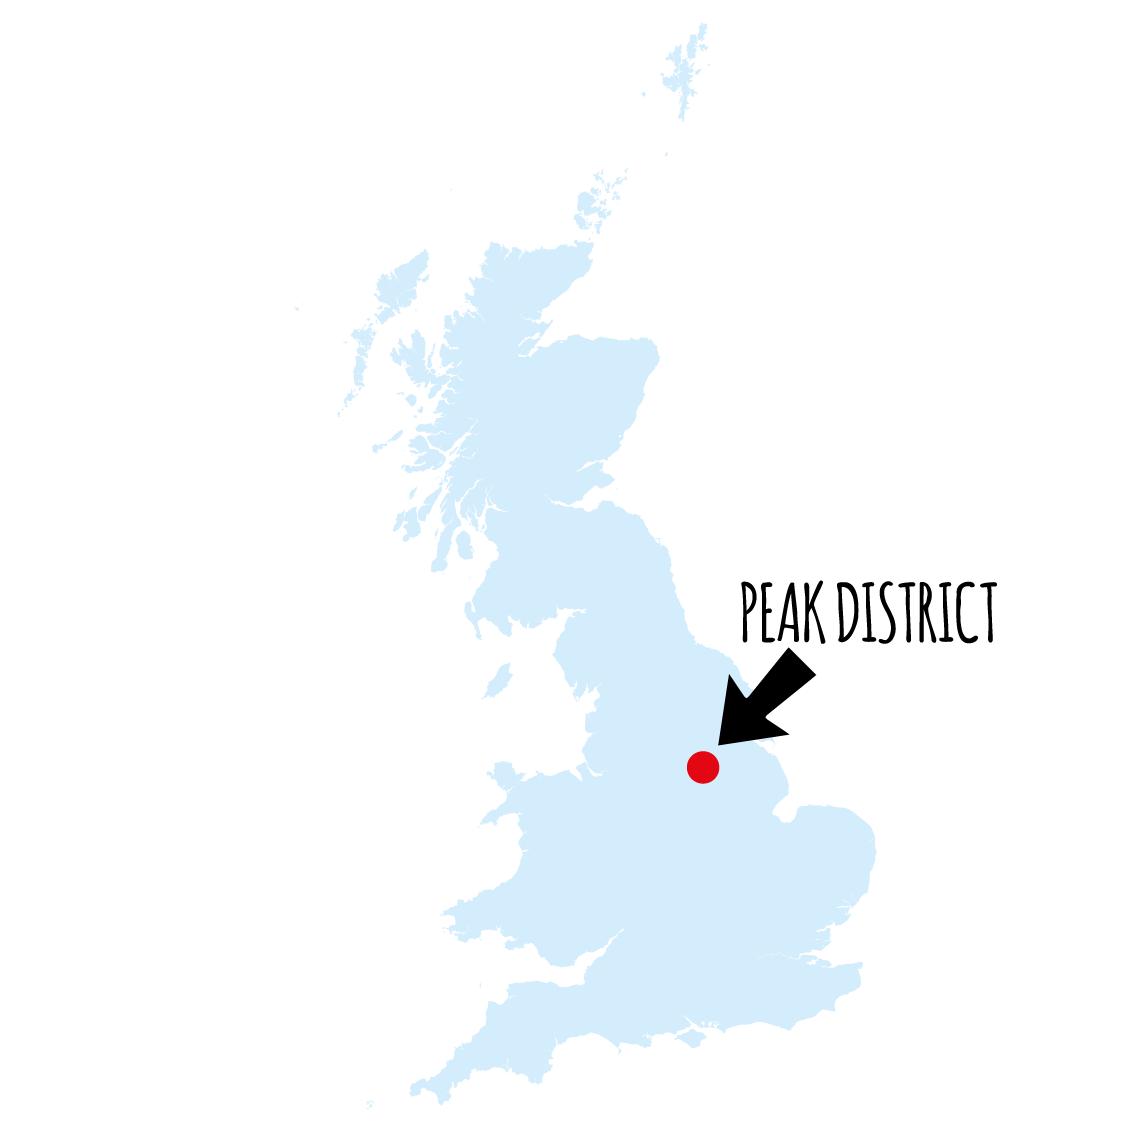 peak-district-map.png